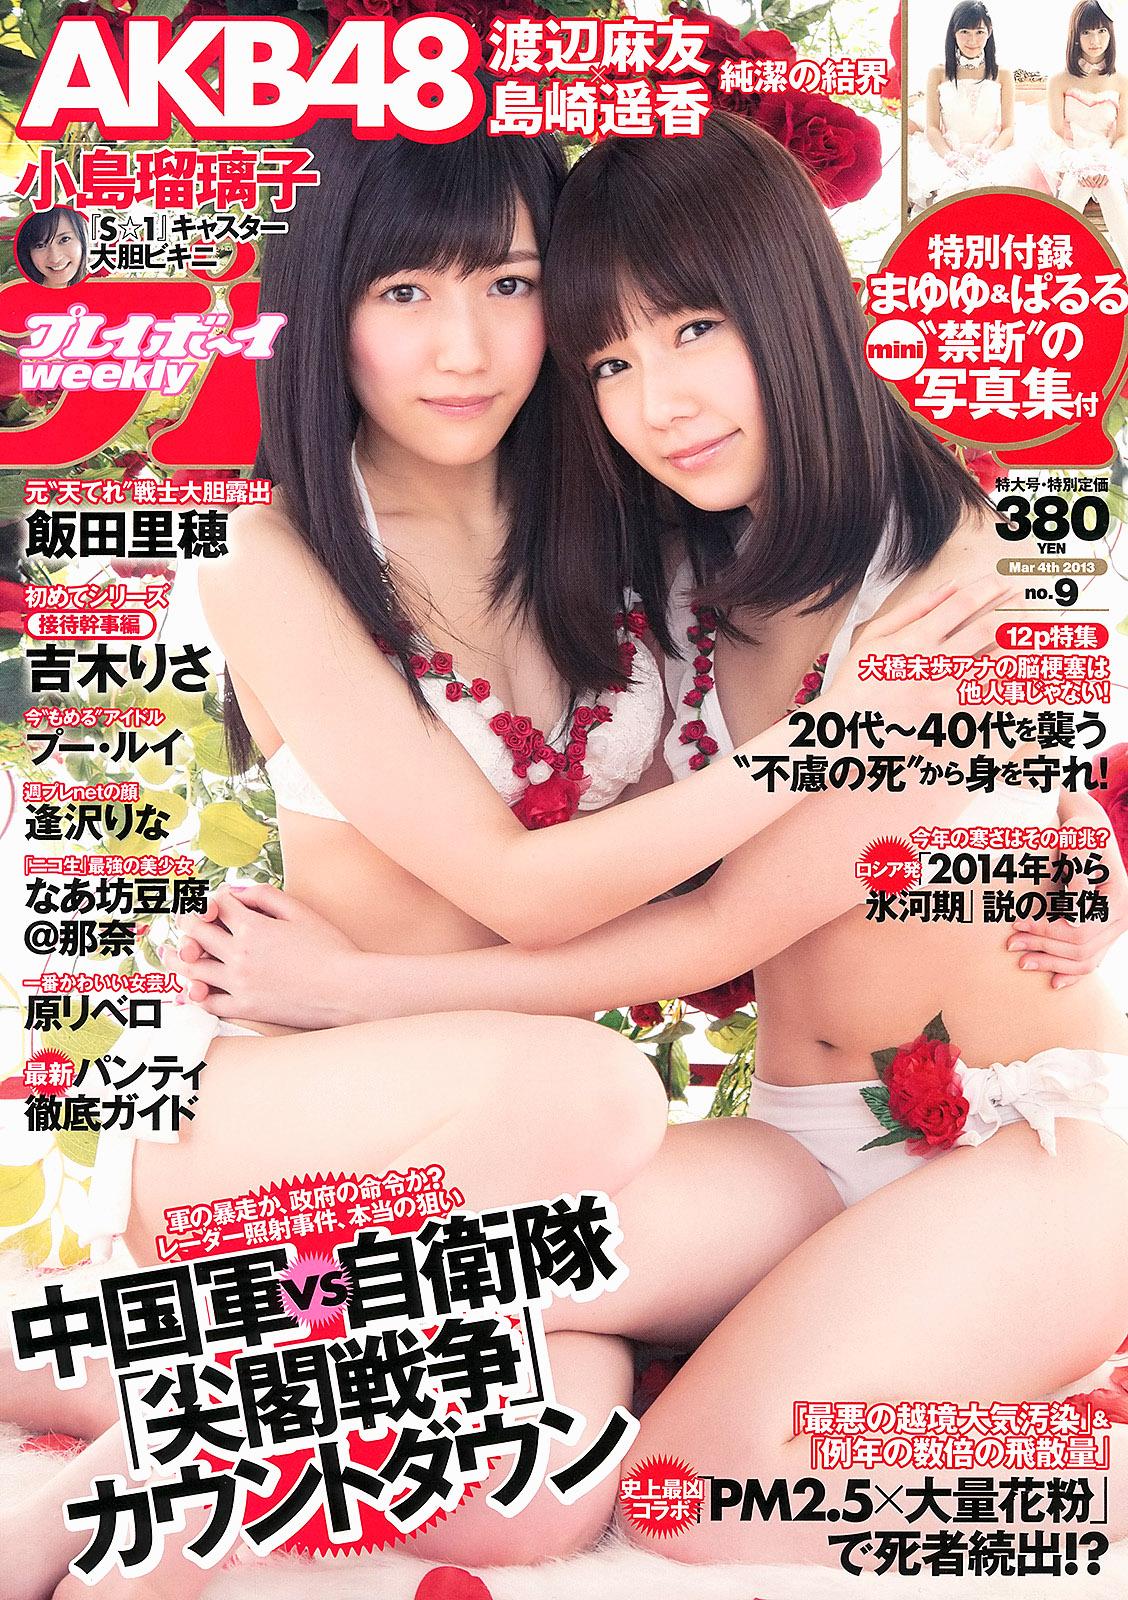 MWatanabe HShimazaki WPB 130304 01.jpg